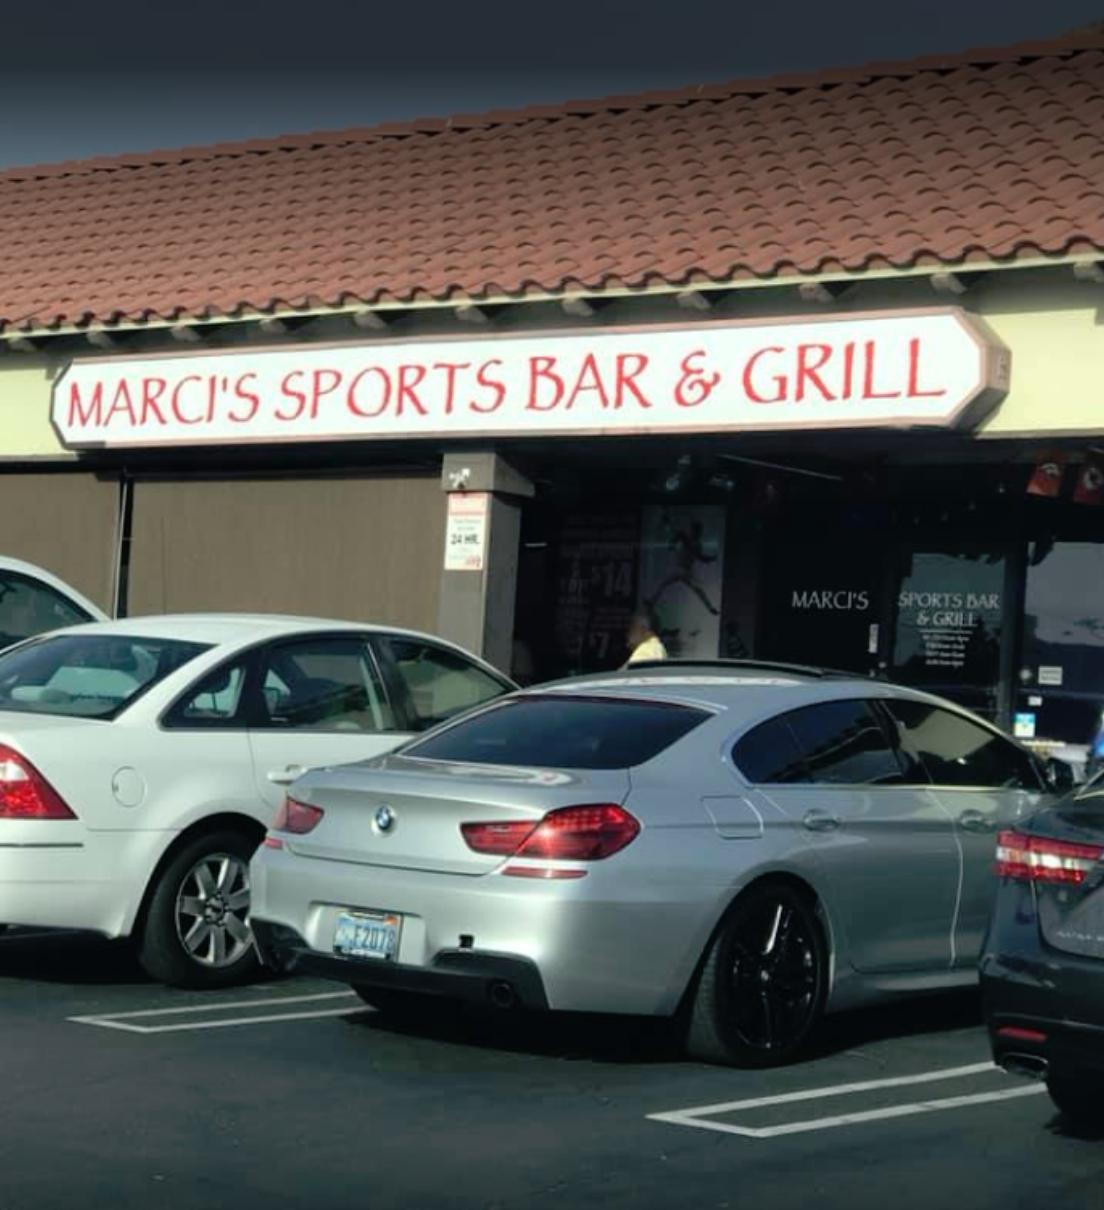 Marci's Sports Bar & Grill - 01